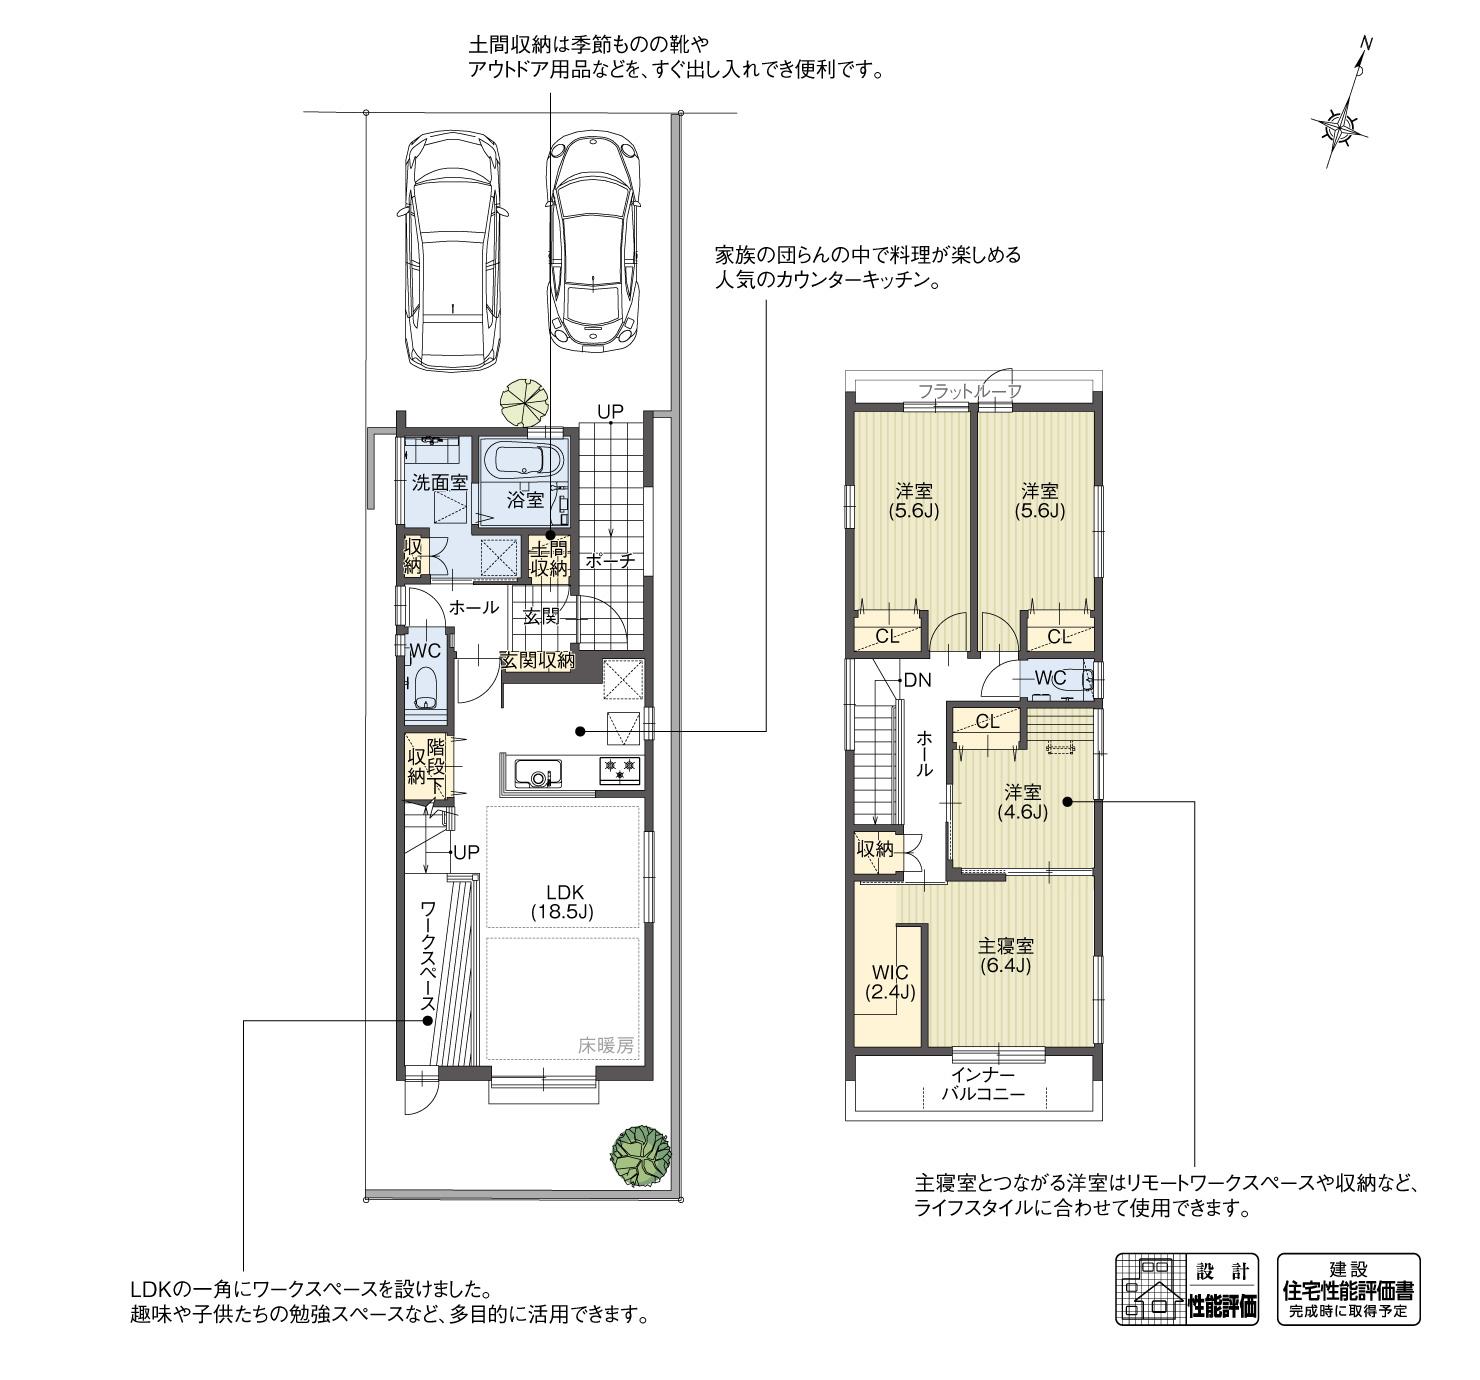 5_間取図_plan1_緑区尾崎山2